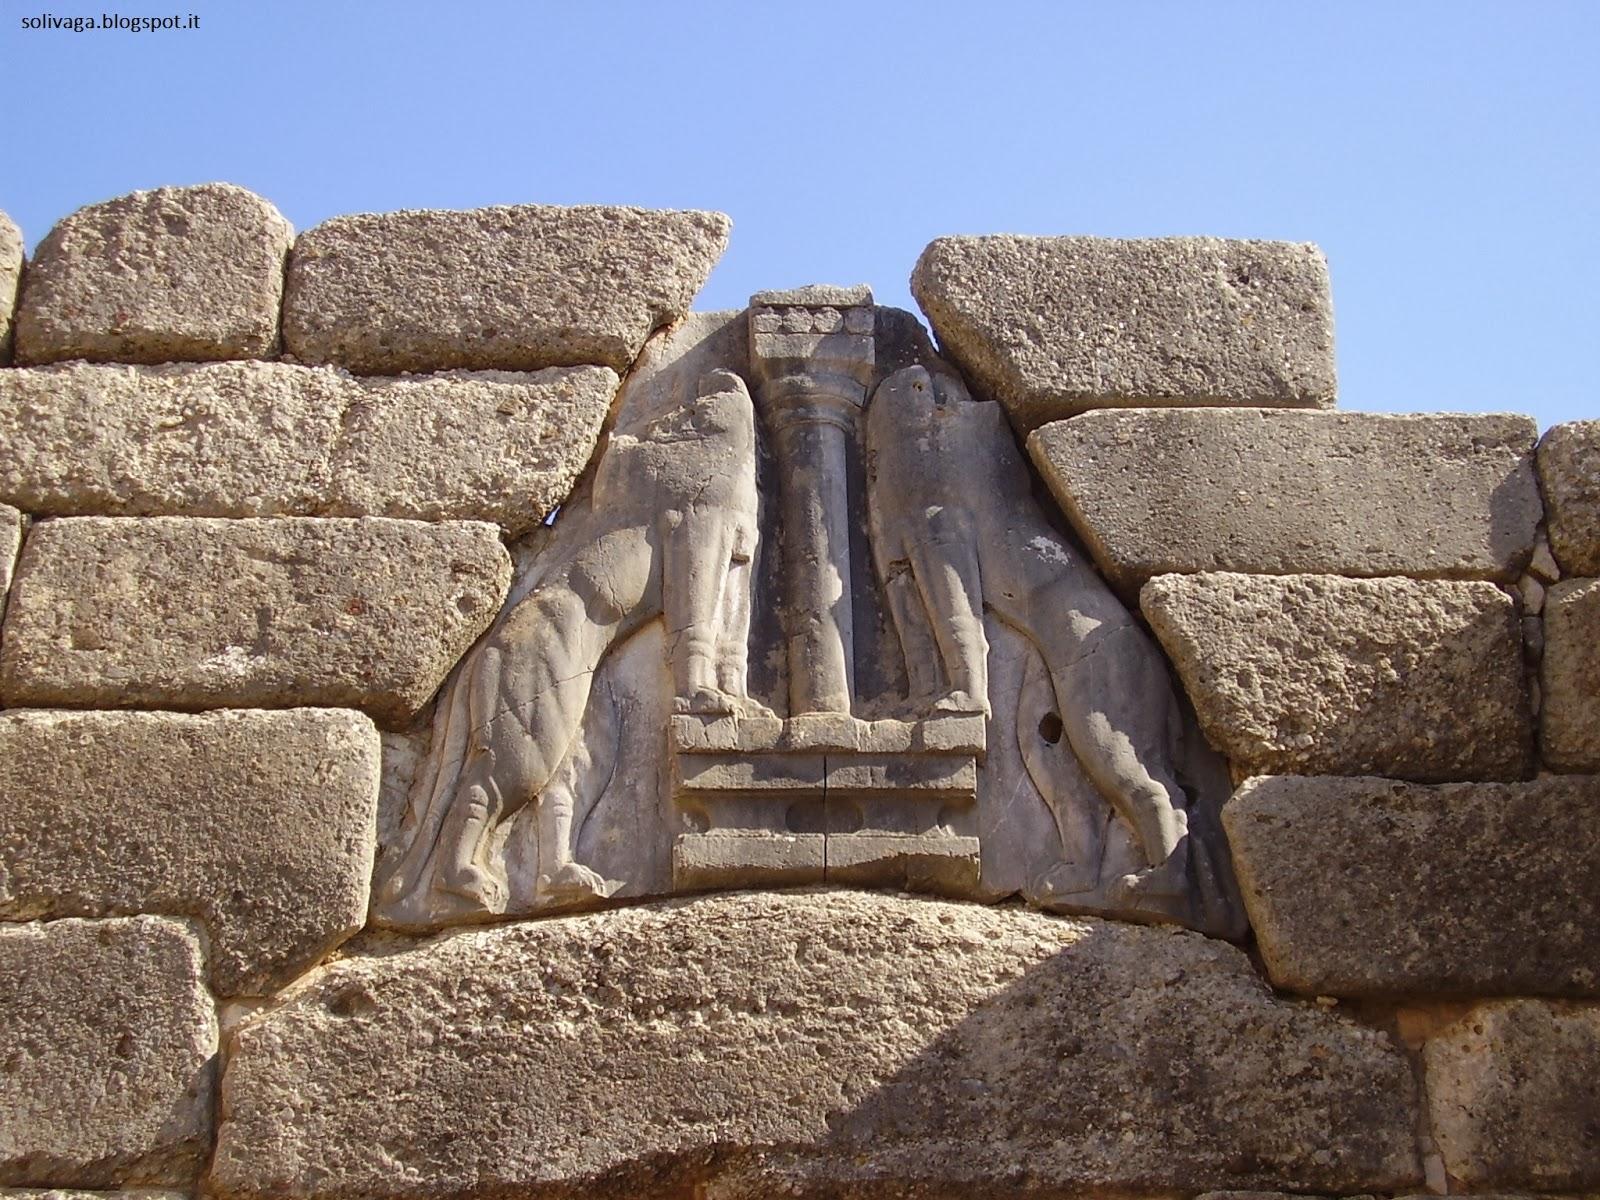 Animula solivaga in grecia micene - La porta dei leoni a micene ...